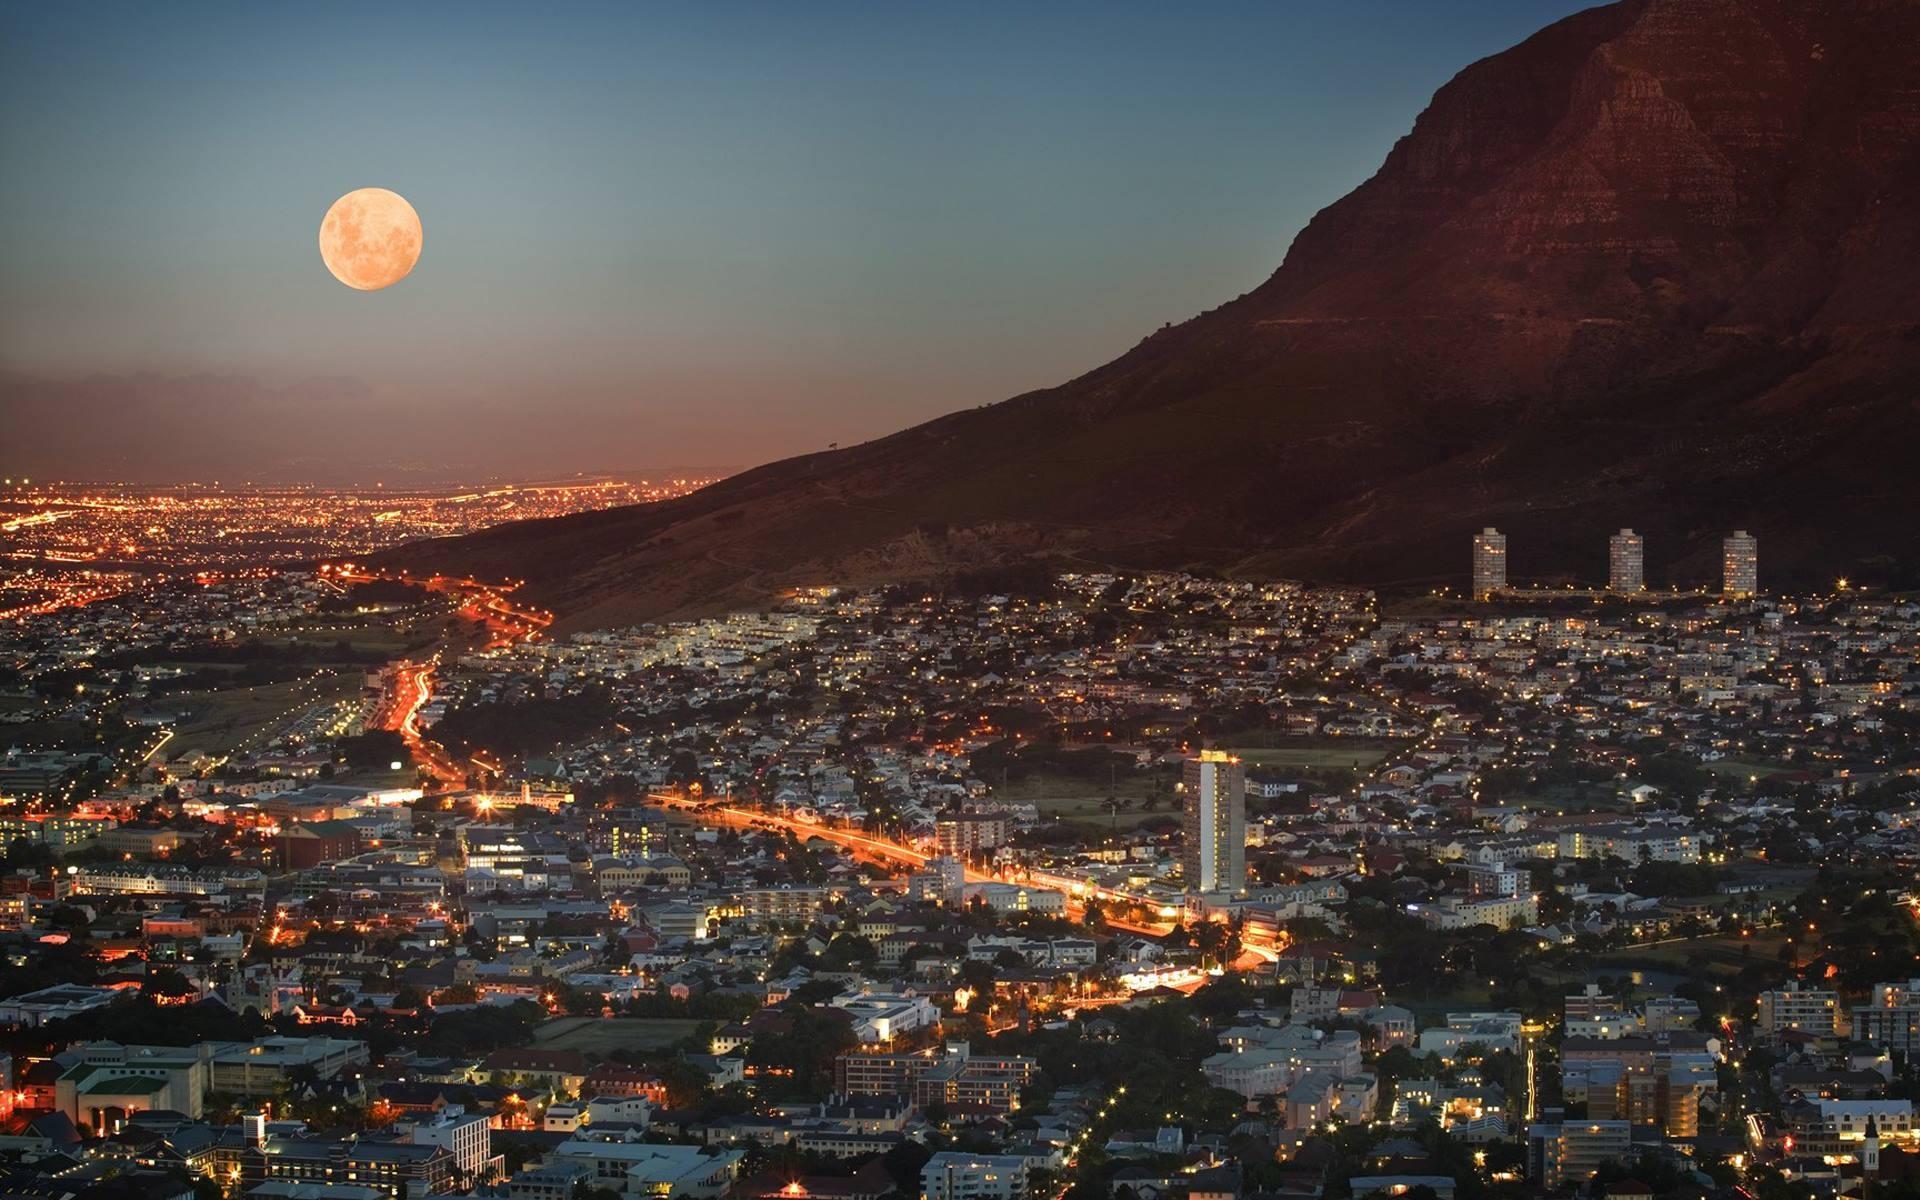 Mặt trăng nơi thành phố